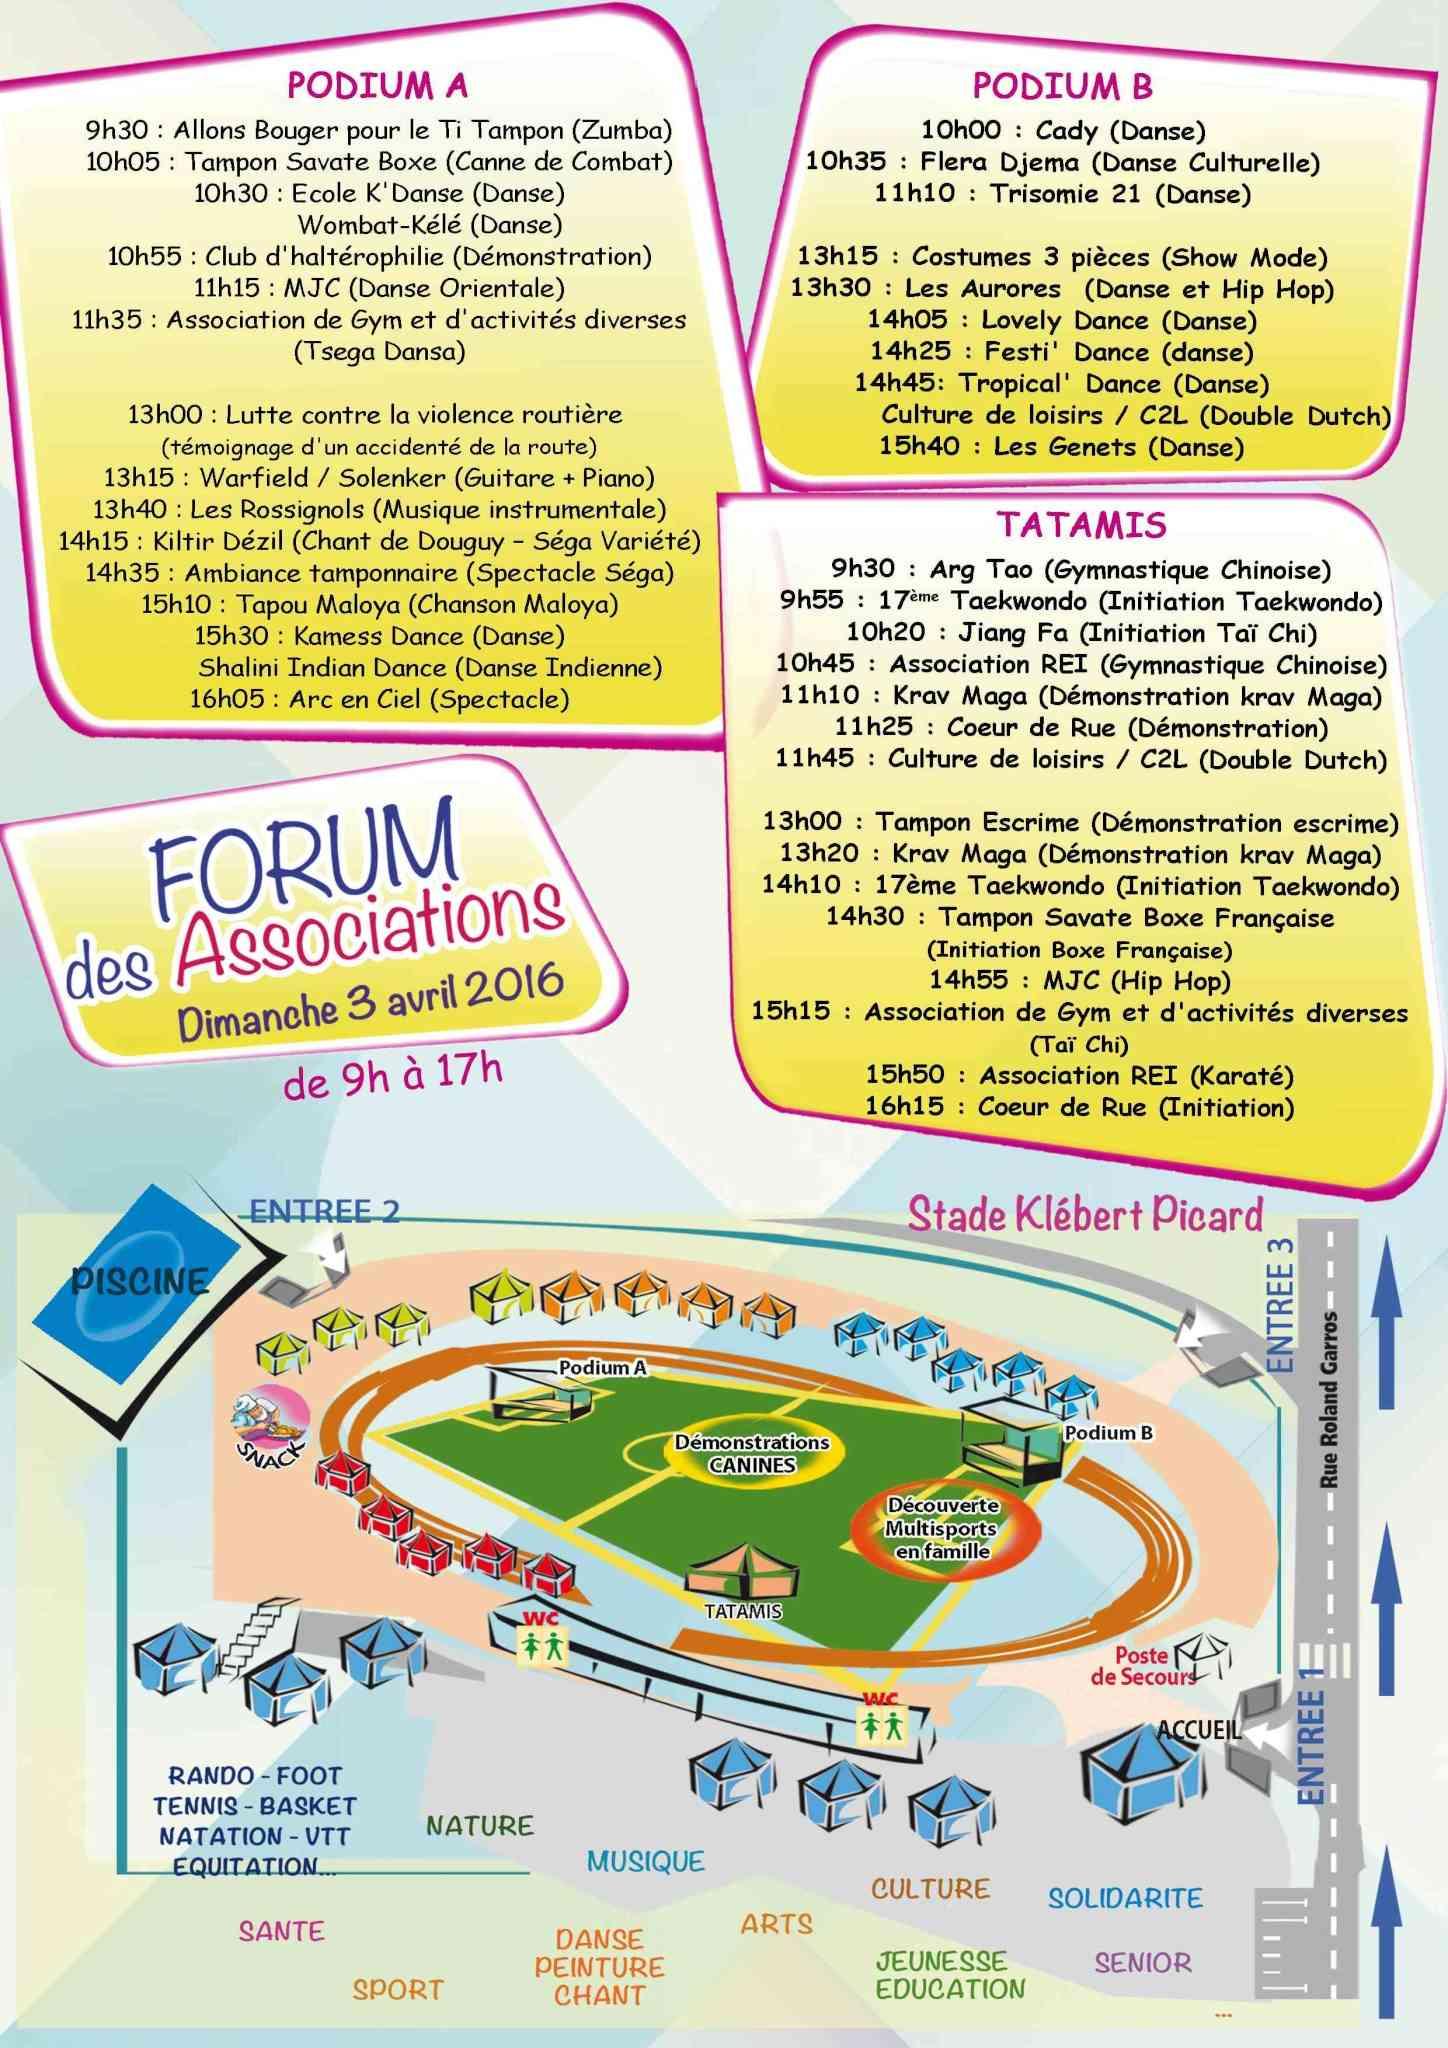 Le Forum des Associations du Tampon Avril 2016 Flyer_11